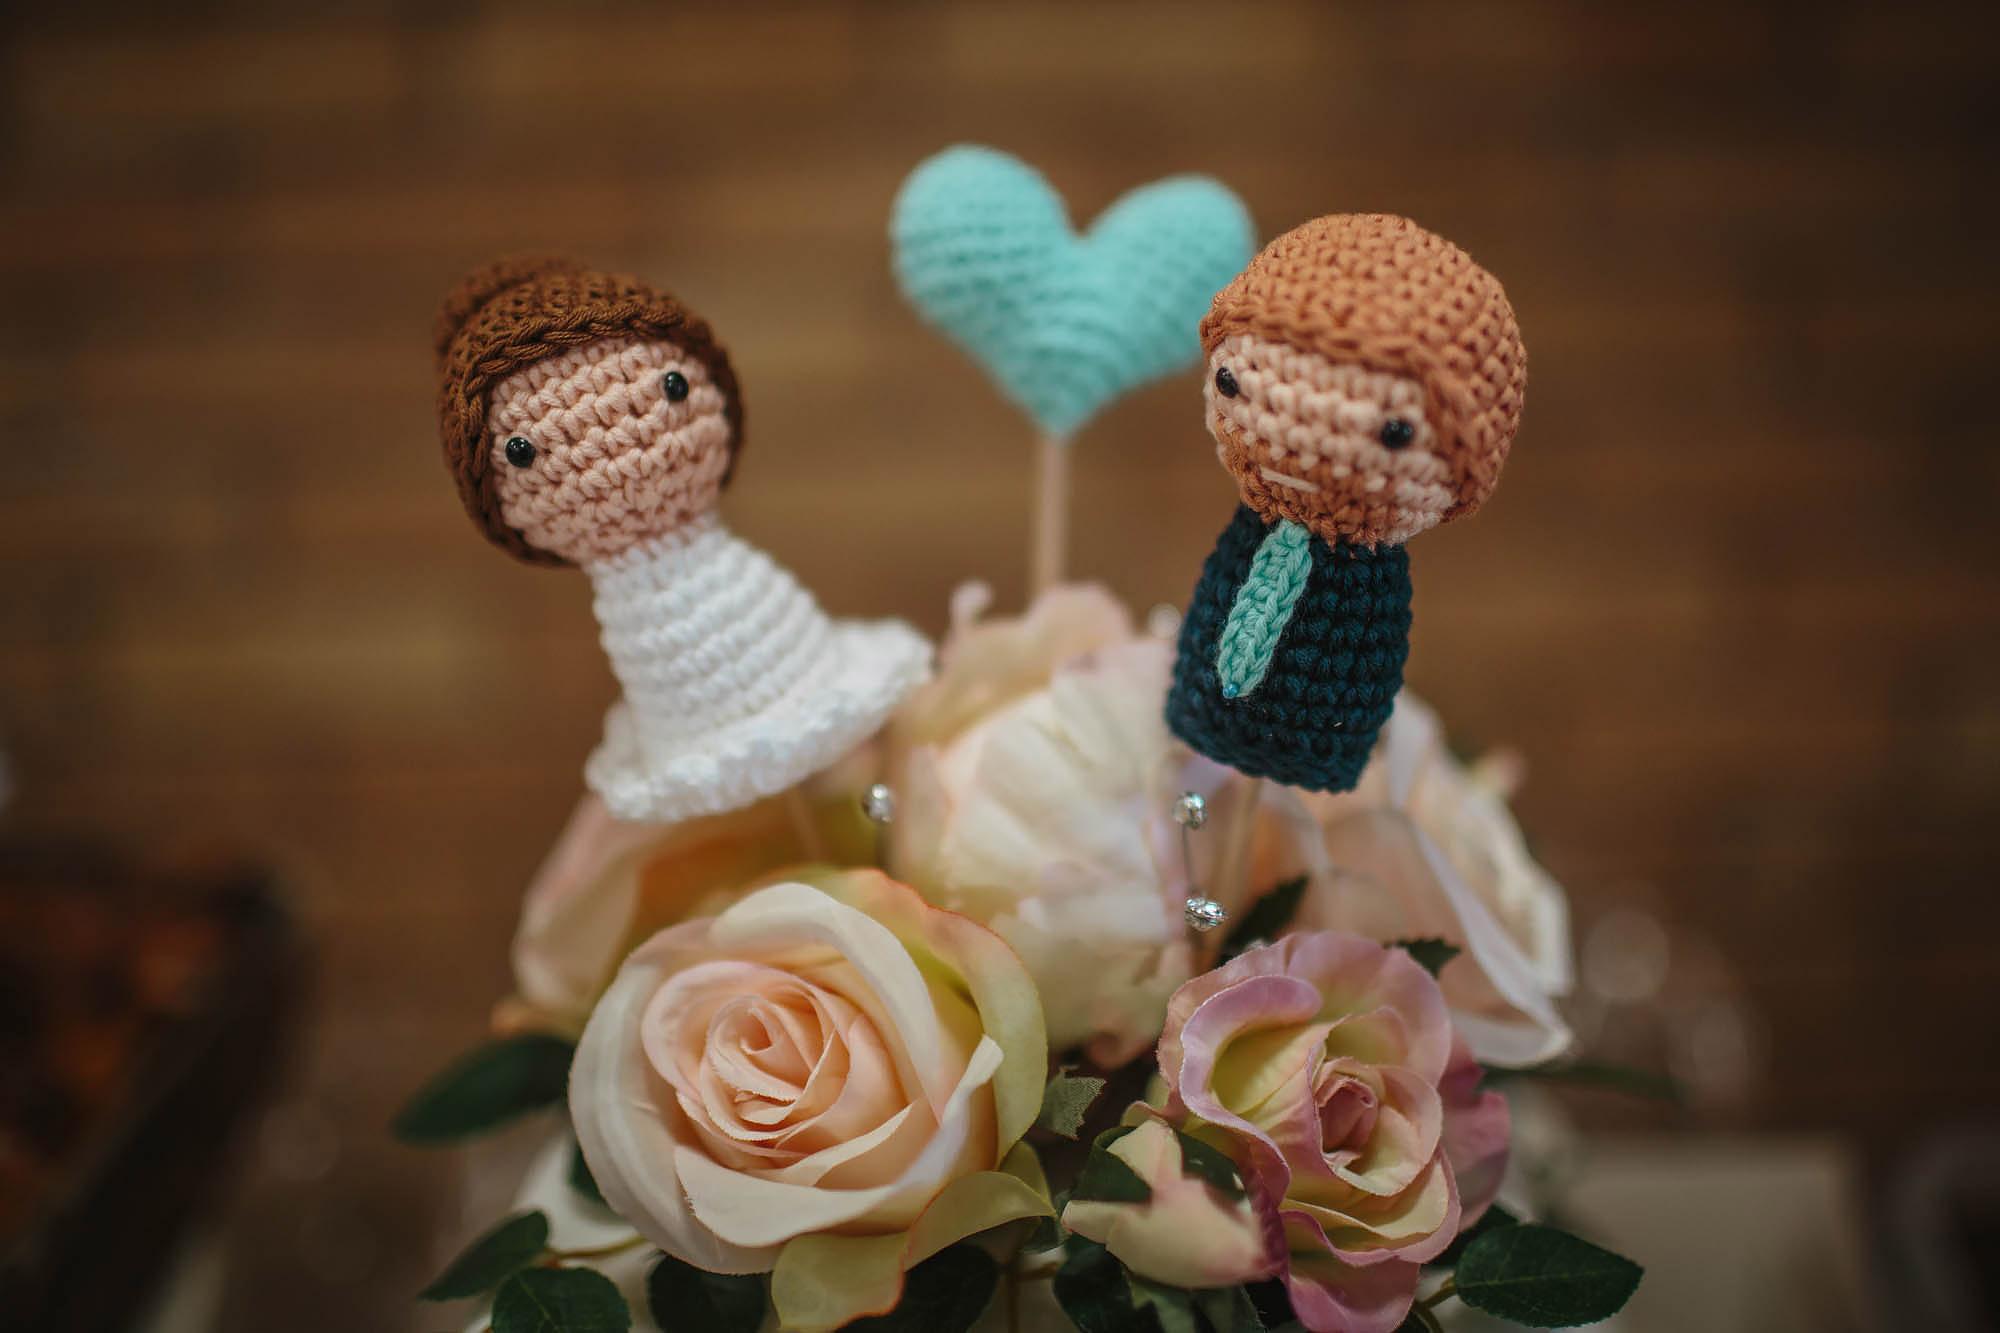 Leeds Yorkshire Wedding Photographer Cake Decoration Knitted